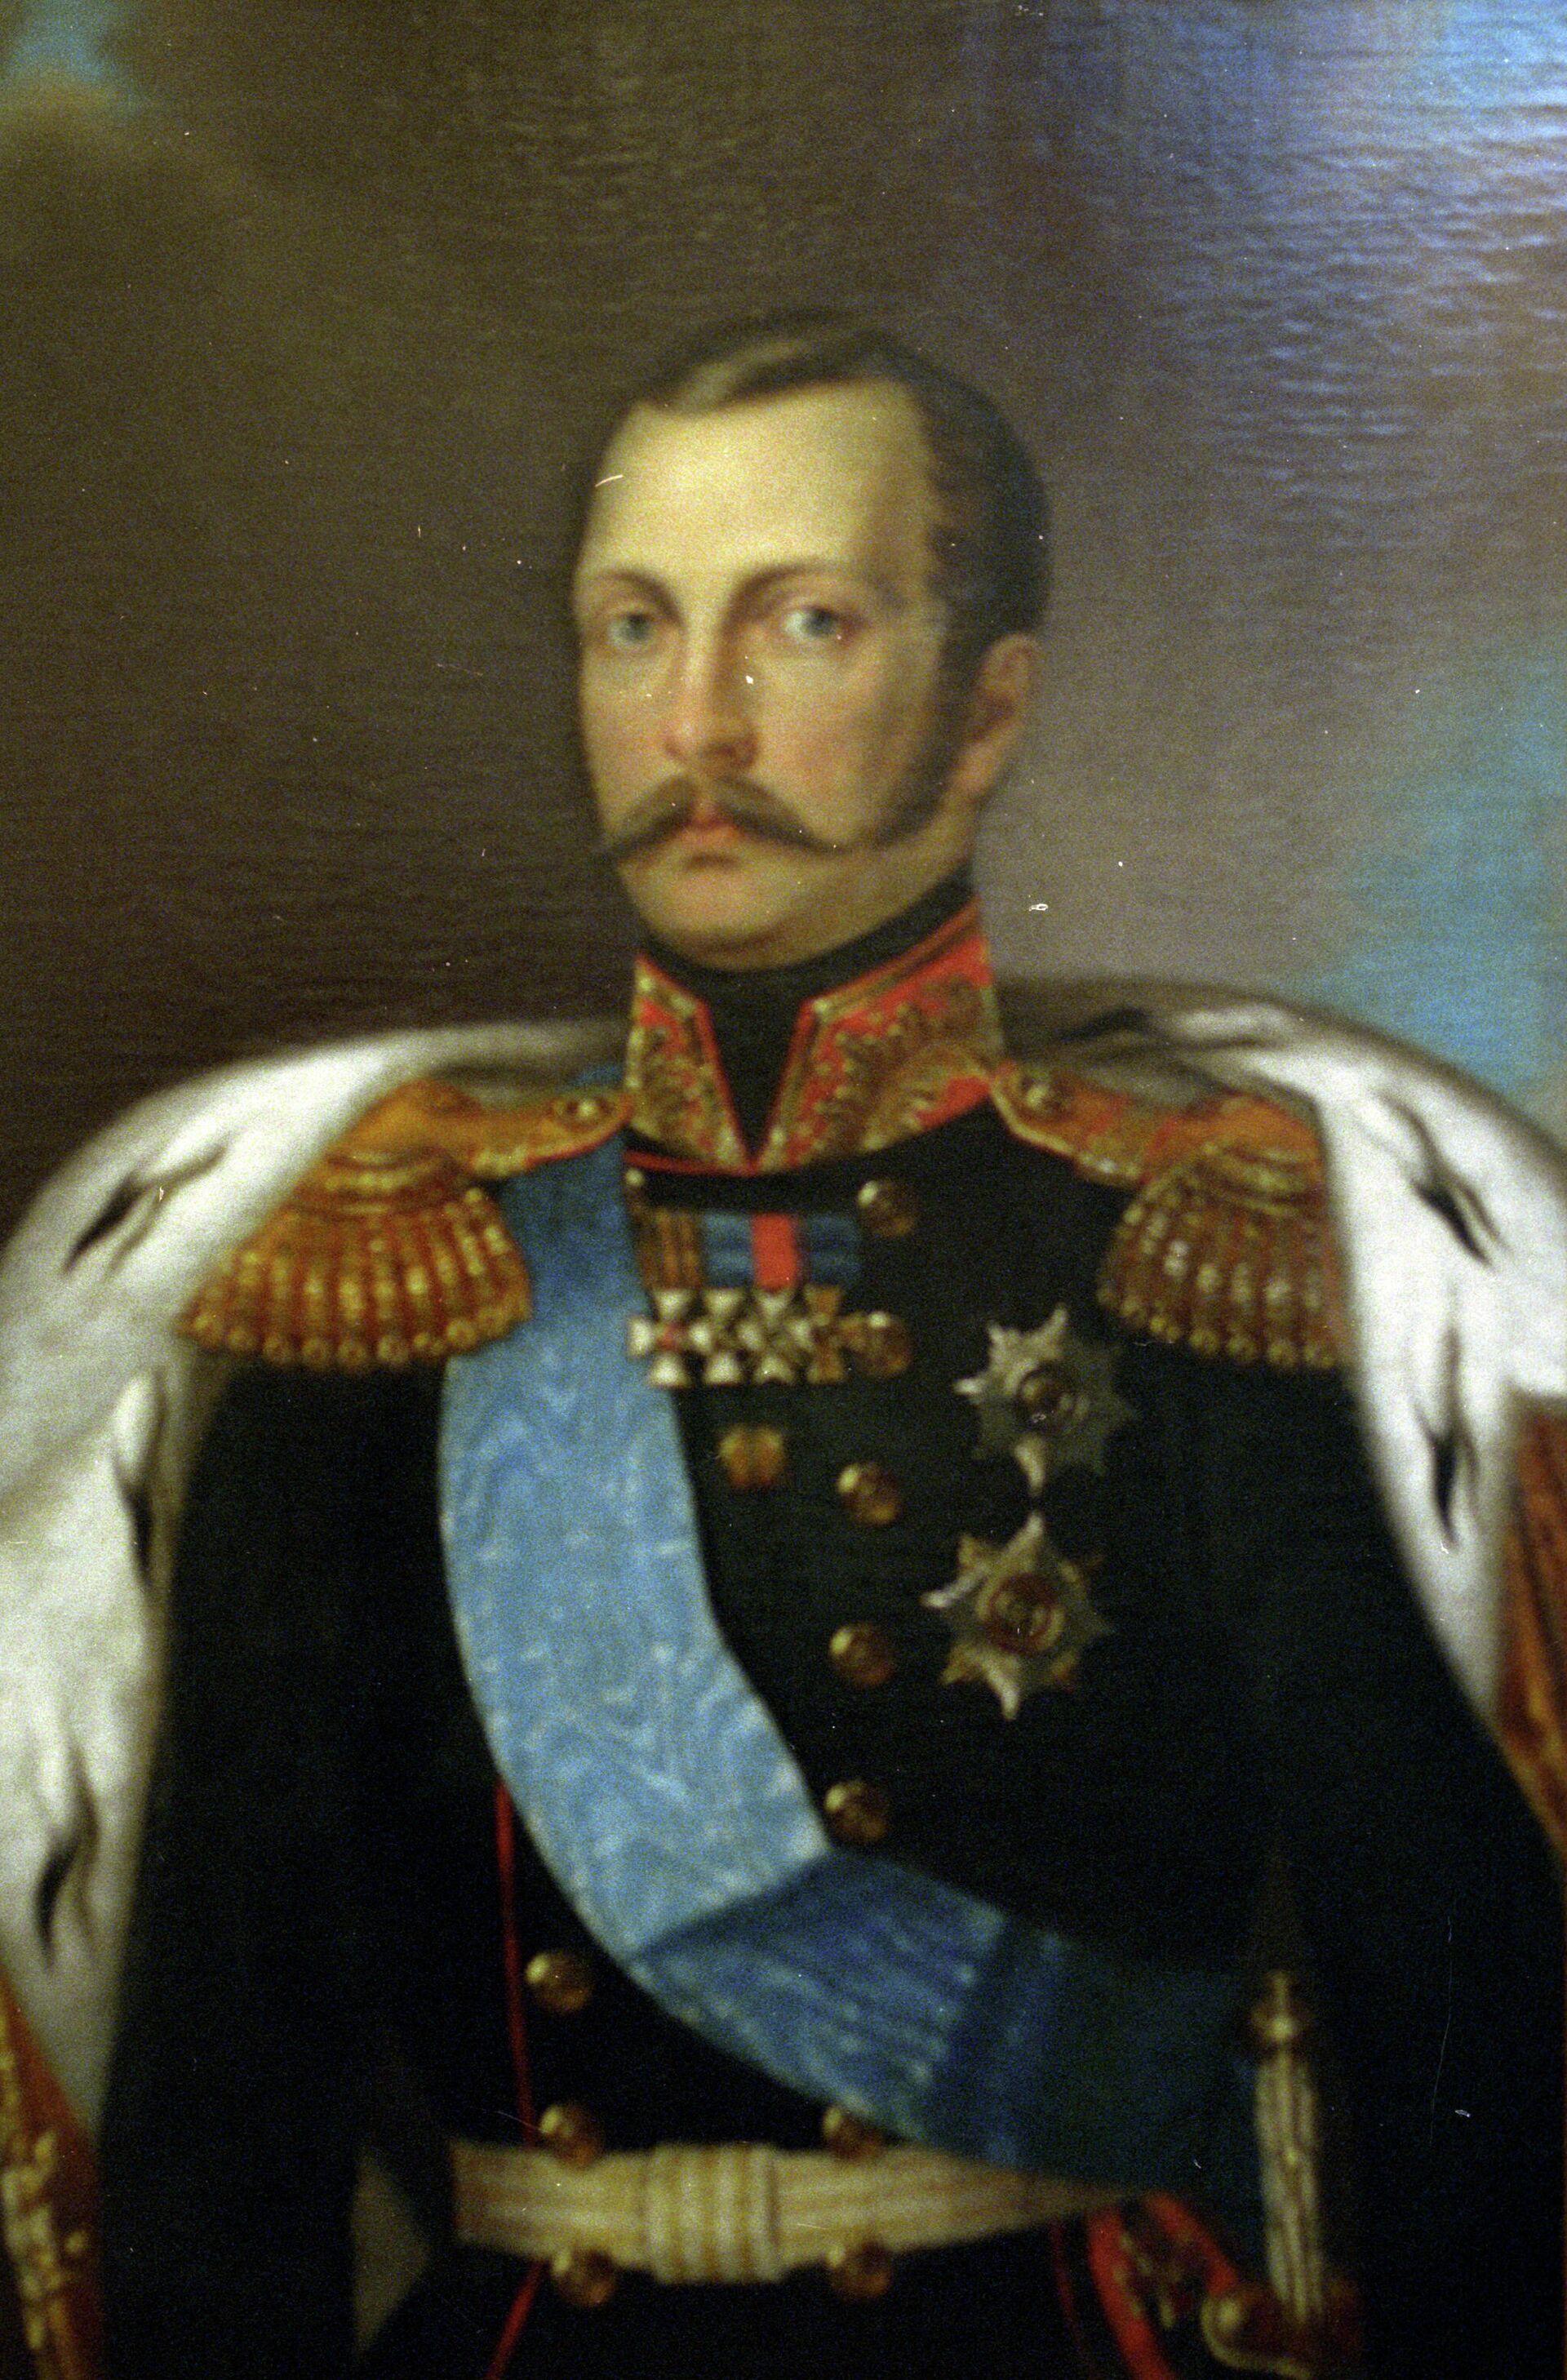 Репродукция портрета императора Александра II - РИА Новости, 1920, 06.09.2020